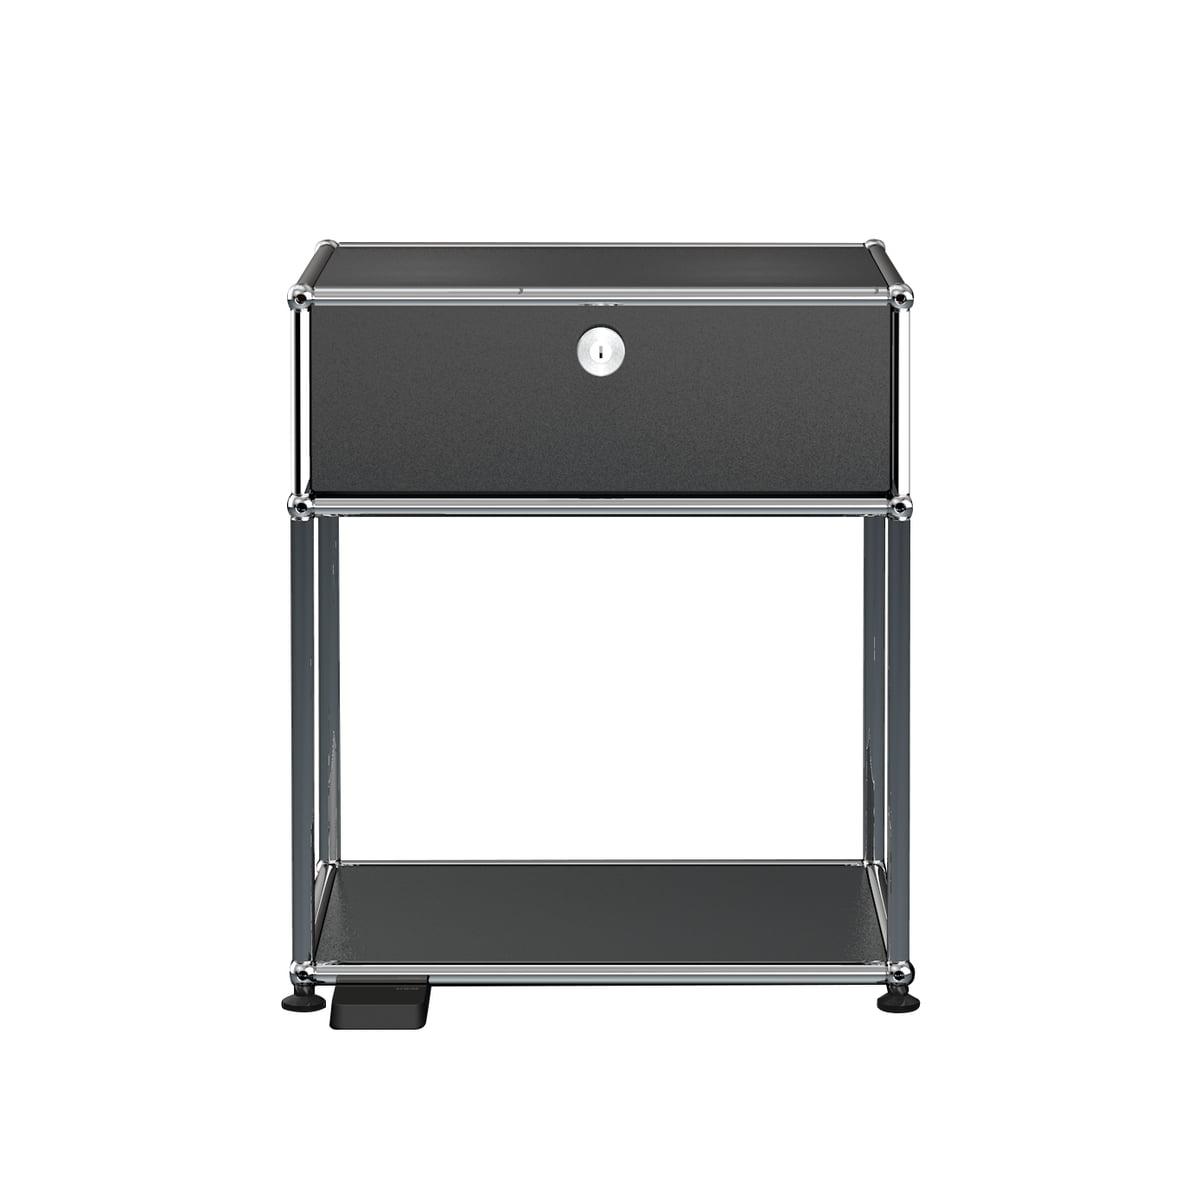 USM Haller E - Nachttisch mit Klapptür und dimmbarem Licht, graphitschwarz (RAL 9011) | Schlafzimmer > Nachttische | Schwarz | Usm